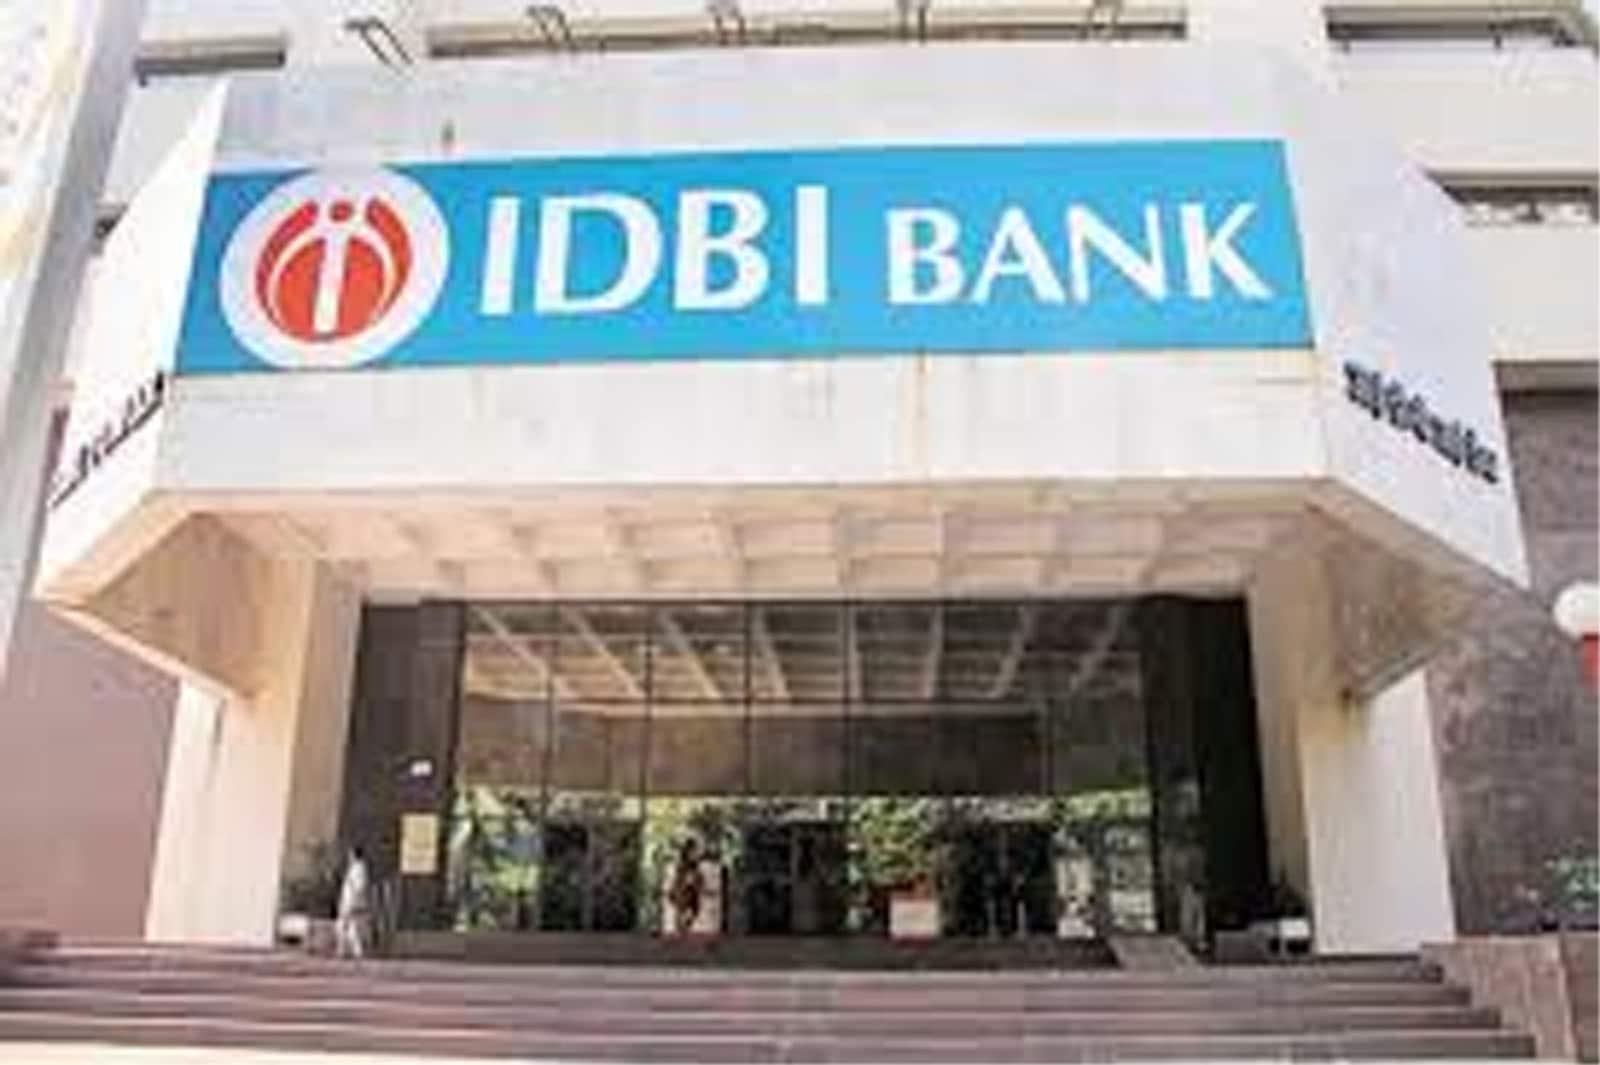 IDBI बँकेनं ही सुविधा सुरू केलीय. तुमच्याकडे आधार ई-केवायसी किंवा QR कोड पद्धतीनं तुम्ही खातं सुरू करू शकता.